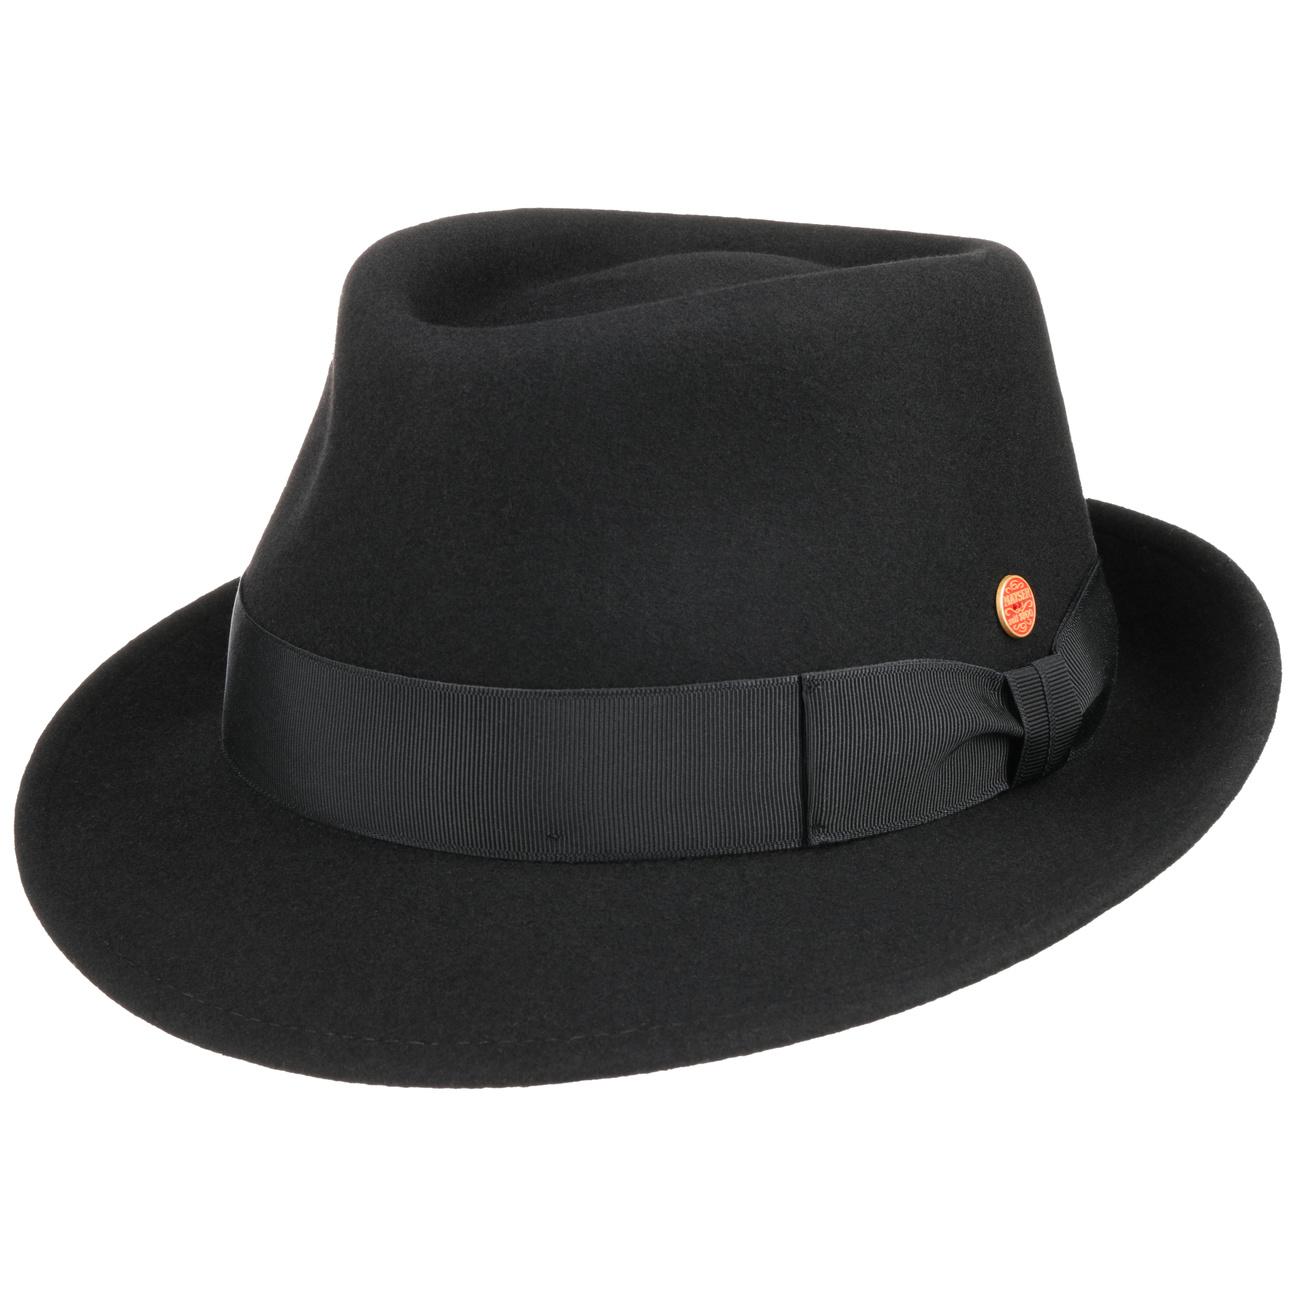 Chapeau Trilby Classique by Mayser  chapeau en laine